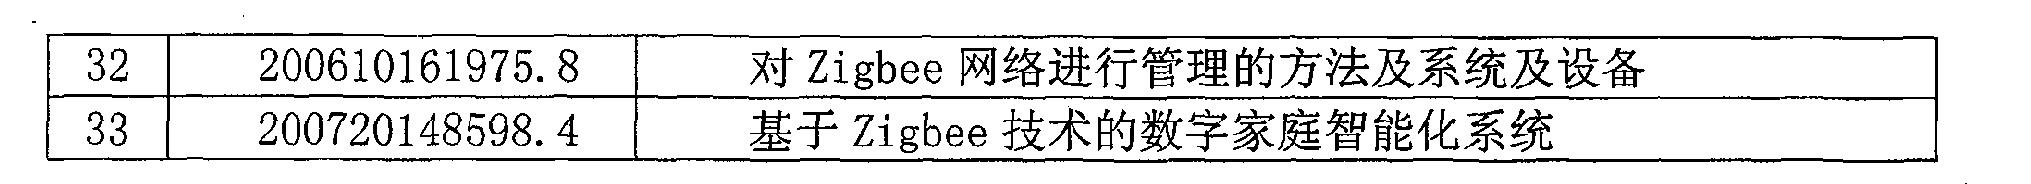 Figure CN101350637BD00051